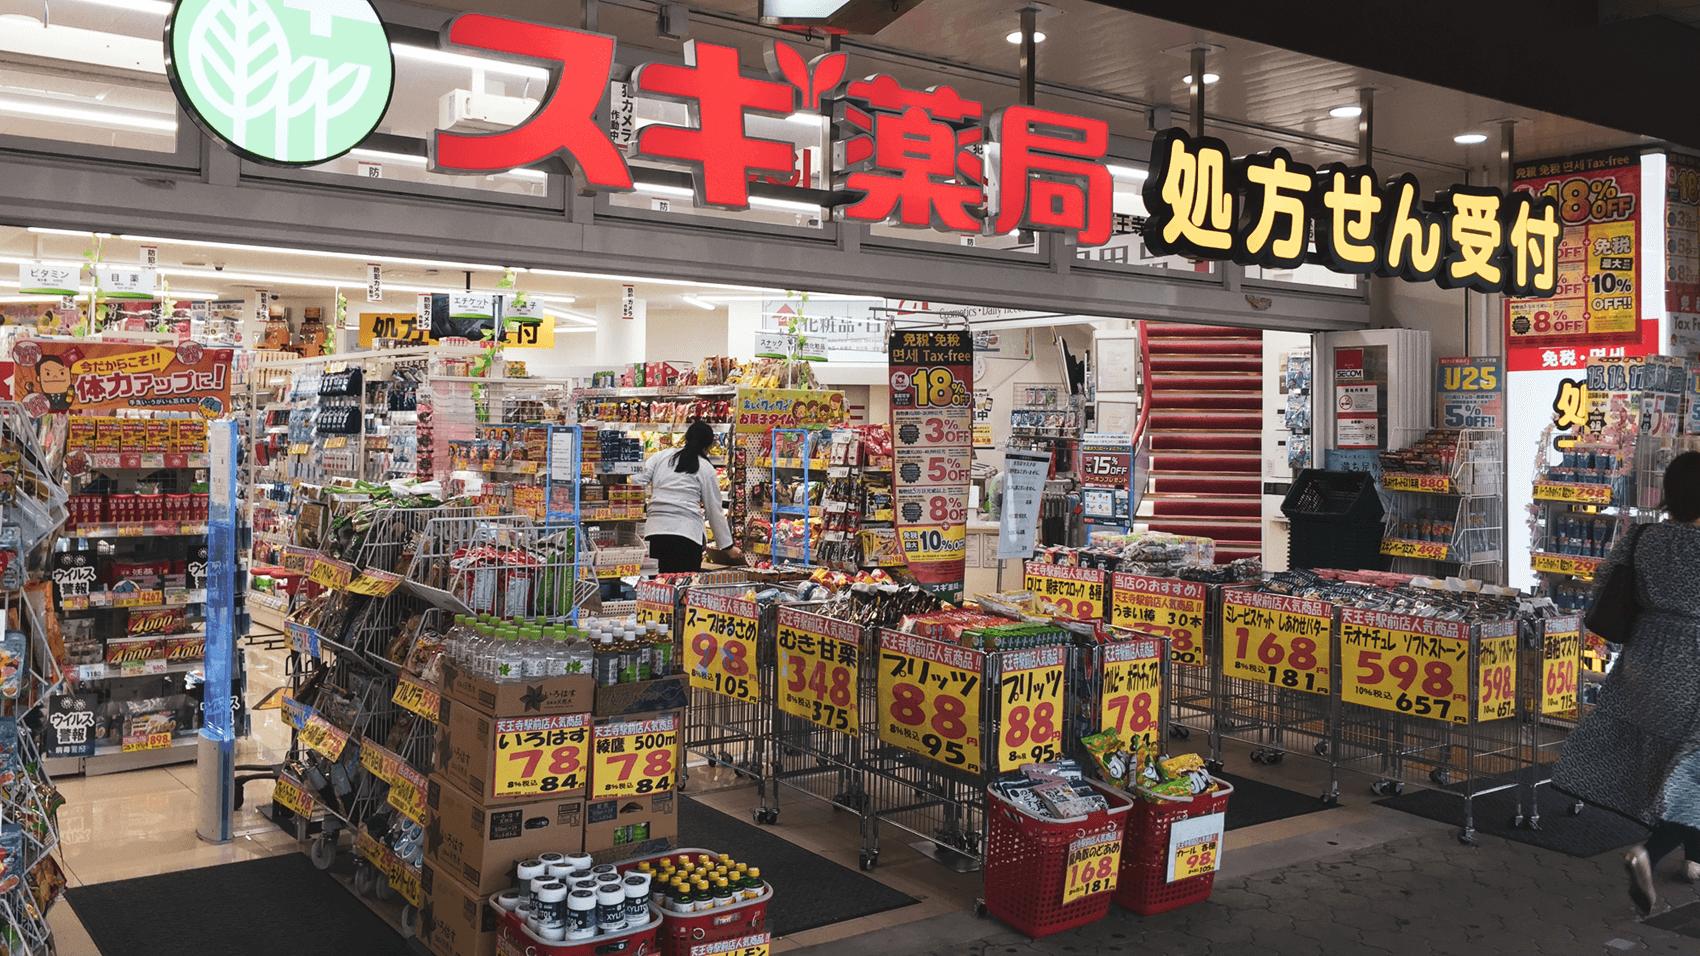 スギ薬局 天王寺店